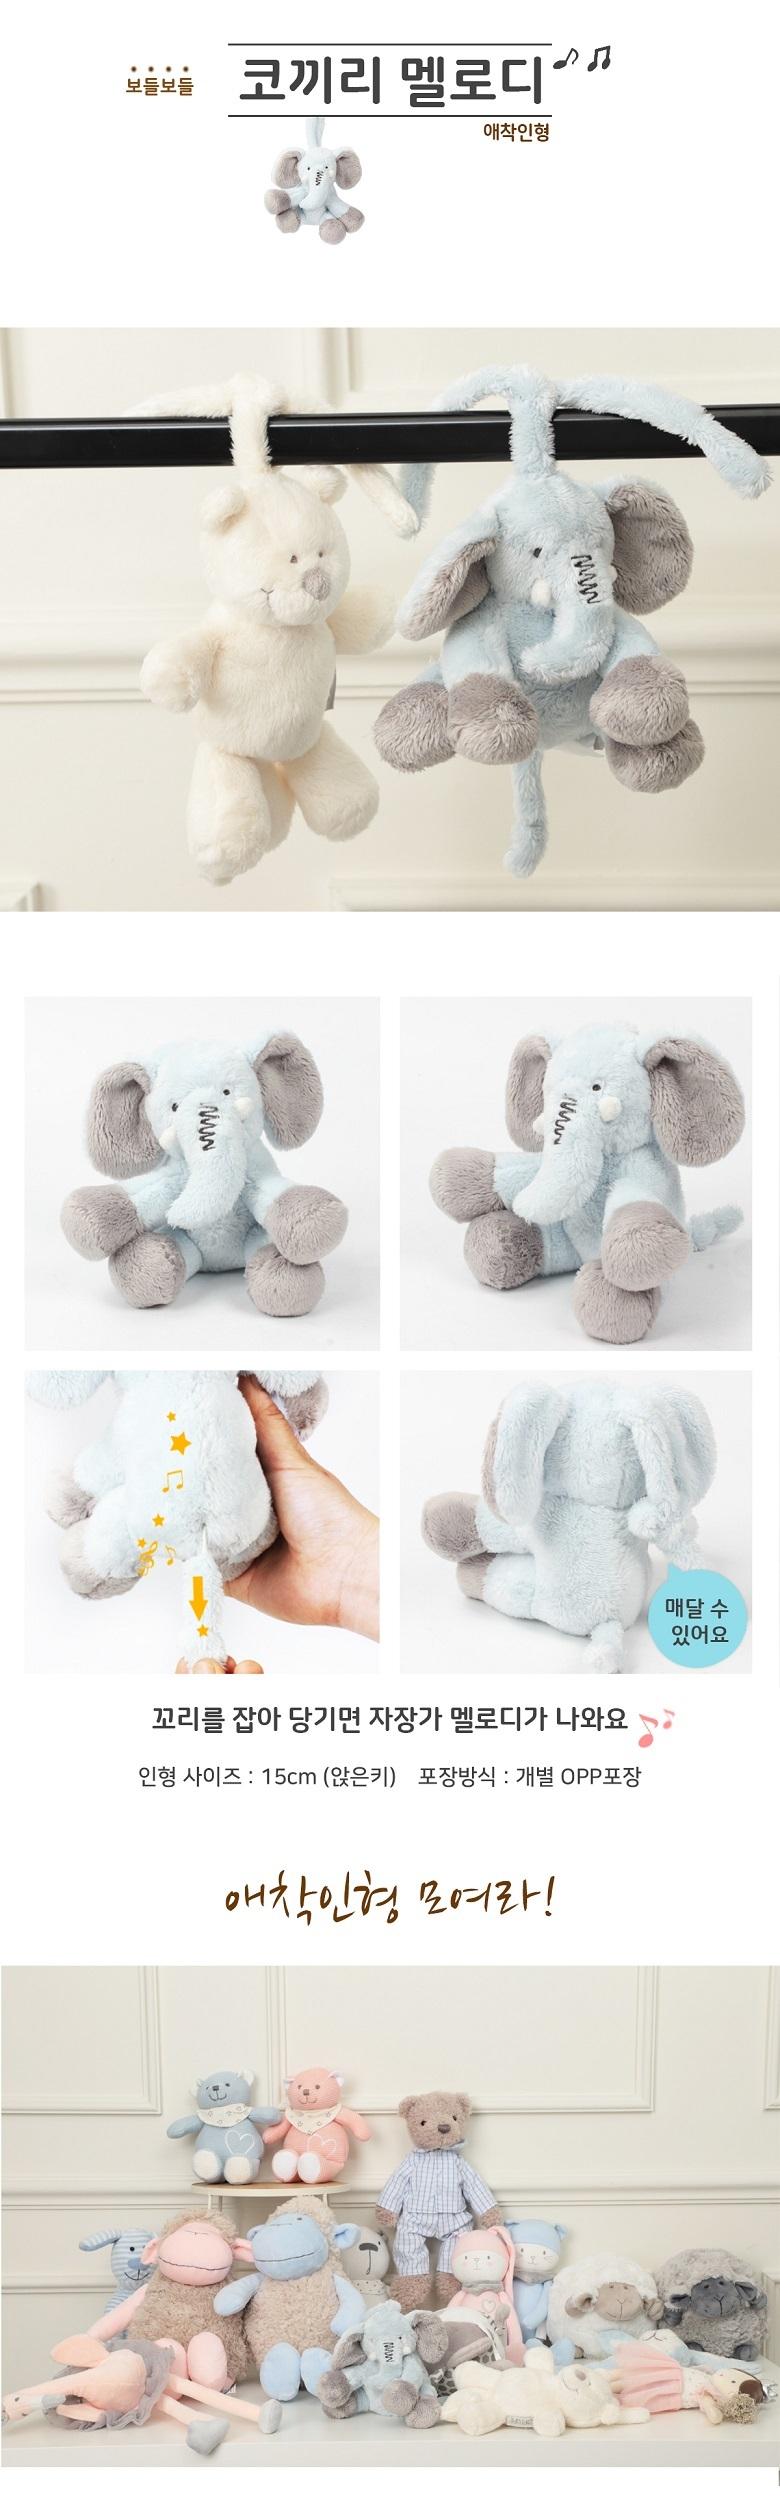 매달리는 멜로디 애착인형 코끼리 - 도도코, 22,900원, 장난감, 인형/애착인형